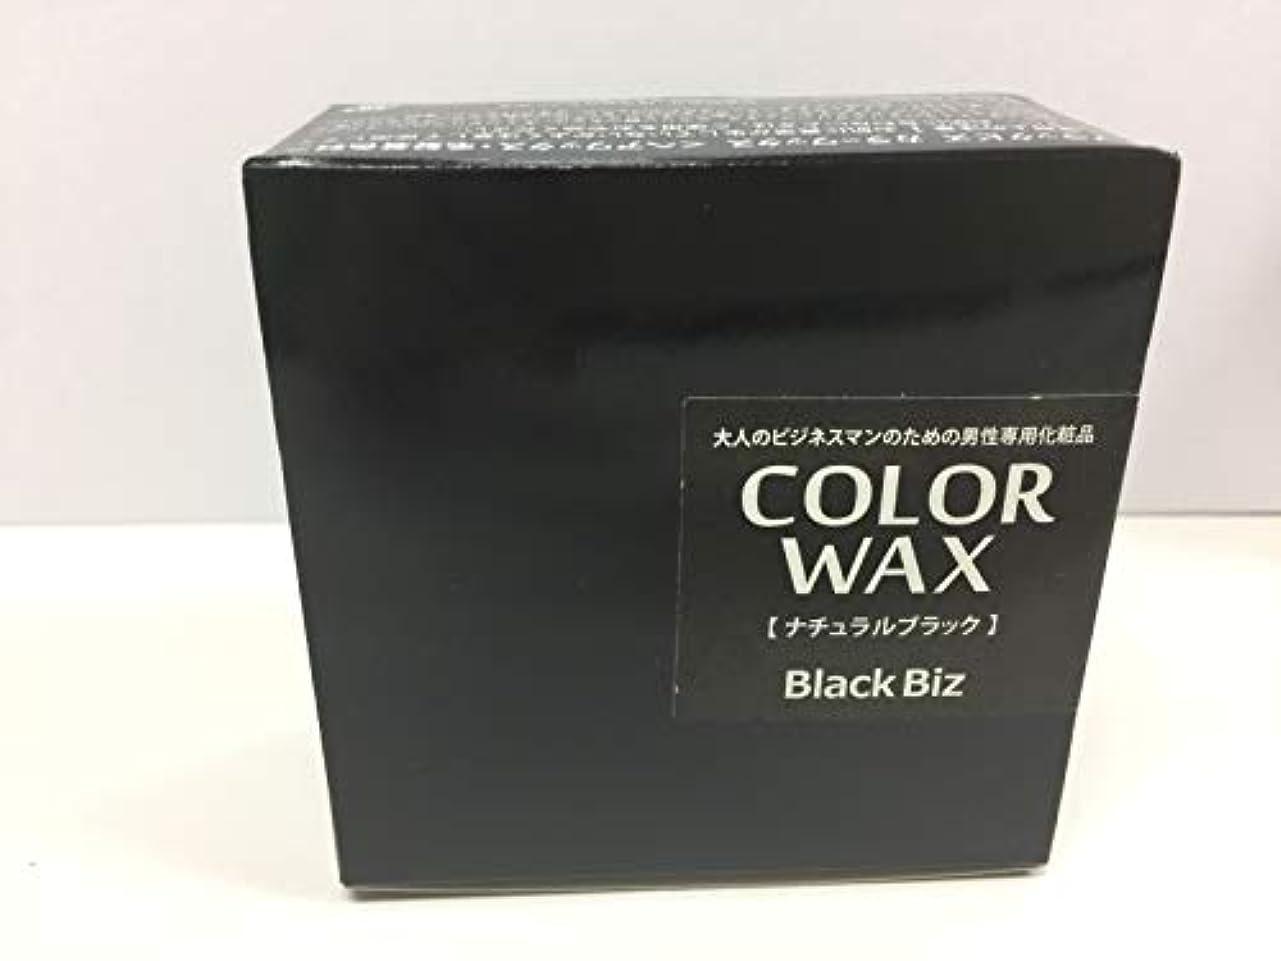 悪意十分合理化大人のビジネスマンのための男性専用化粧品 BlackBiz COLOR WAX ブラックビズ カラーワックス 【ナチュラルブラック】